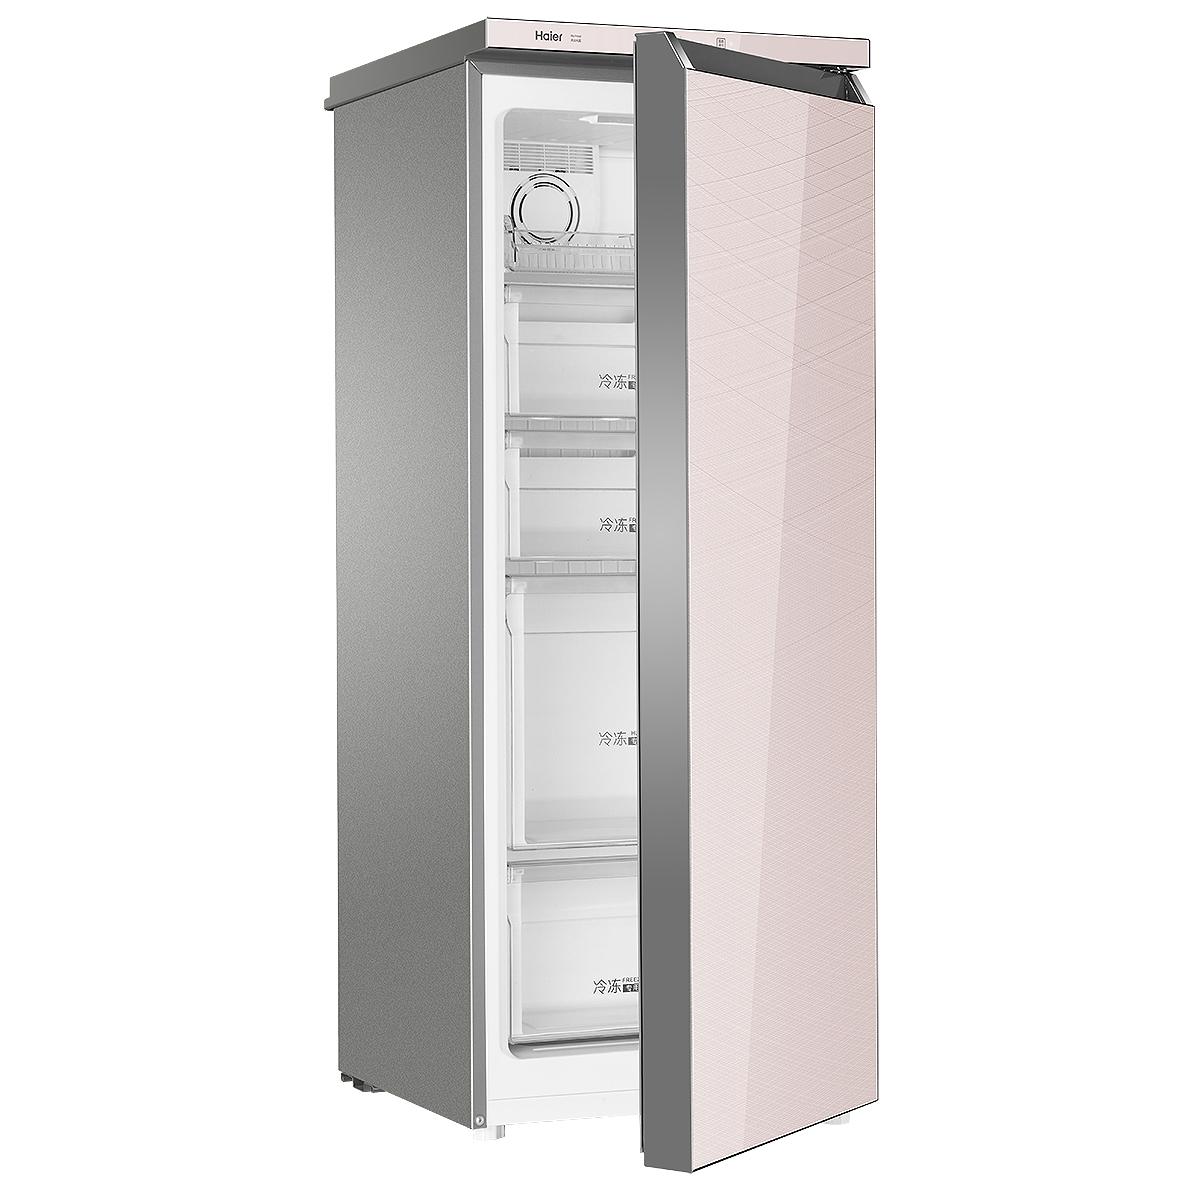 Haier/海尔 冷柜 BD-151WLG 151升 分区大抽屉 电子温控全温区 立式风冷无霜钢化玻璃面板